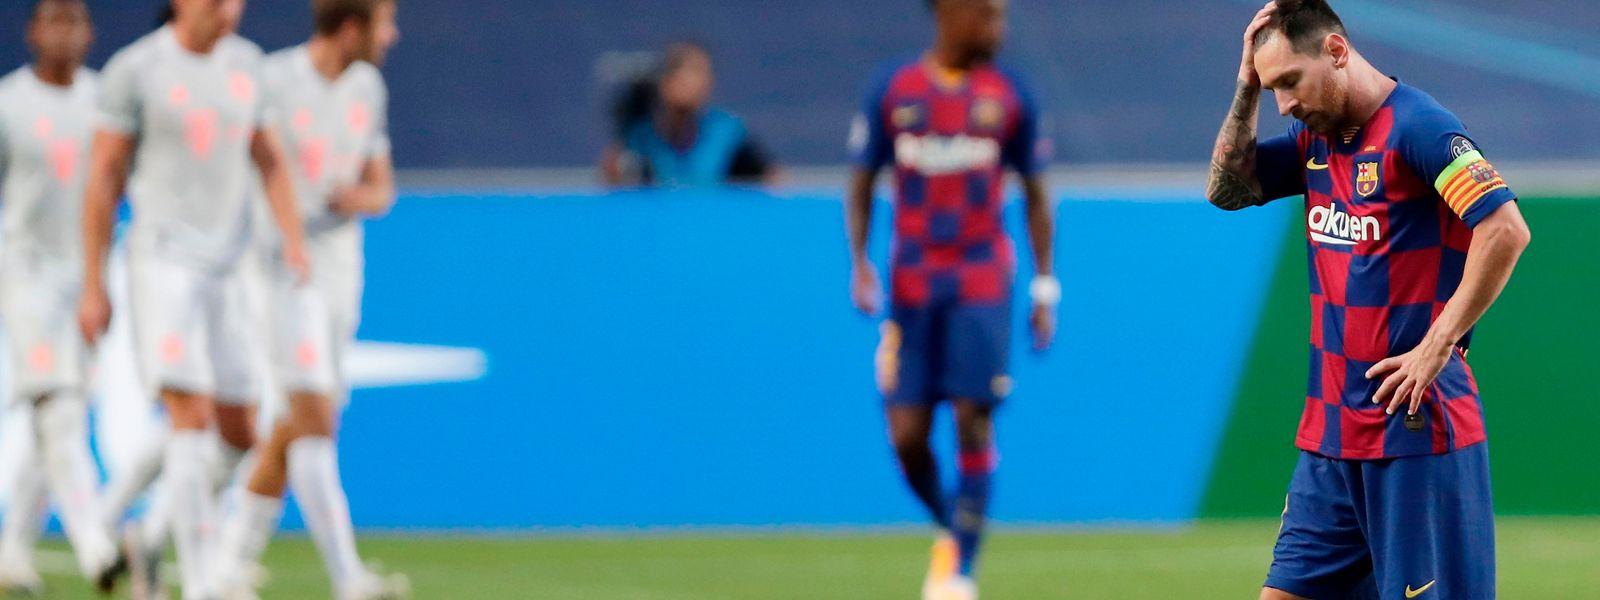 Lionel Messi und der FC Barcelona hatten keine Chance.